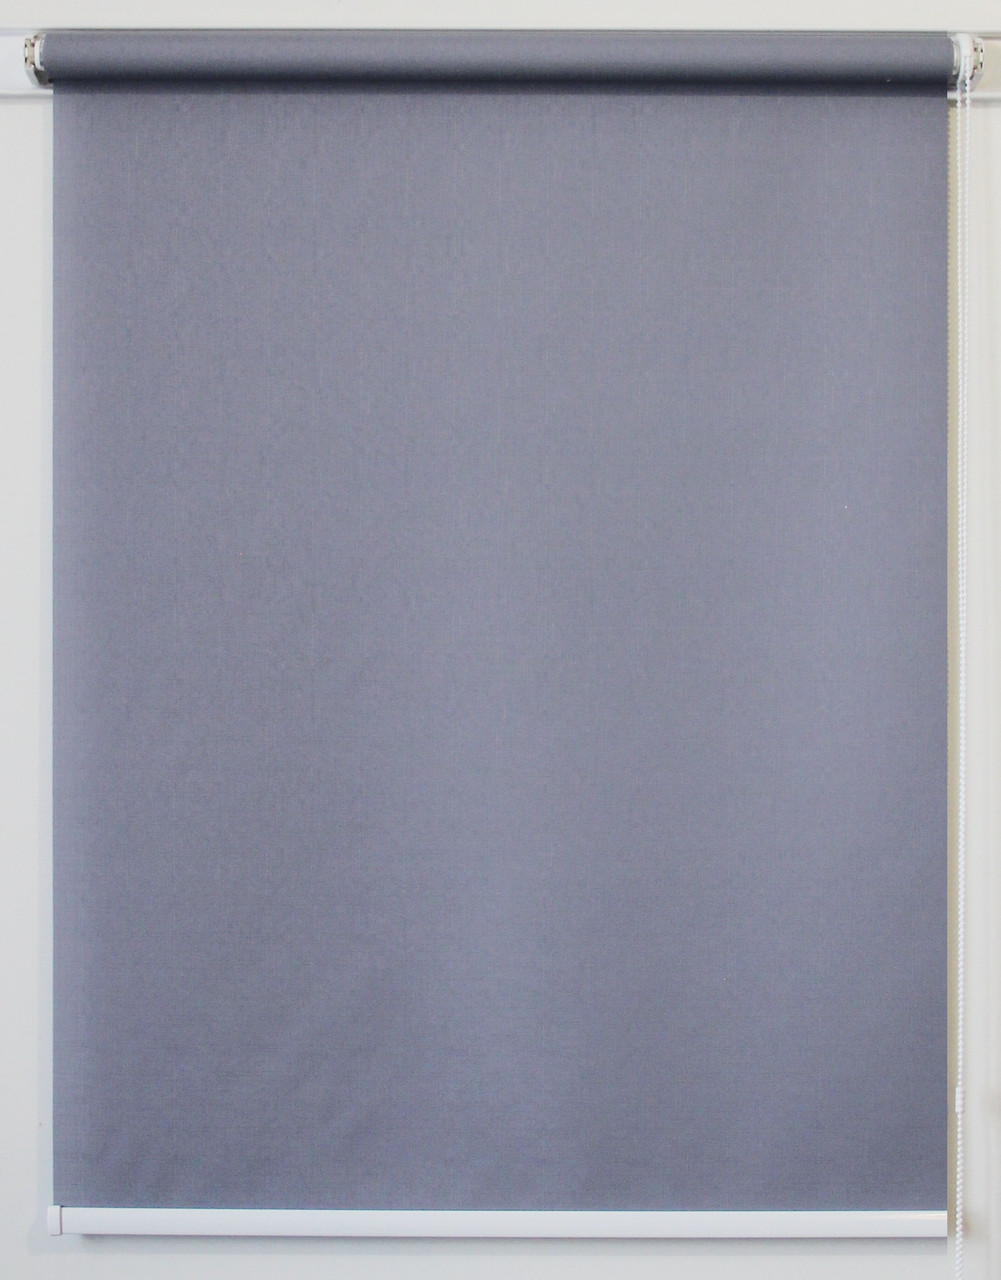 Рулонная штора 975*1500 Ткань Лён 7436 Серый